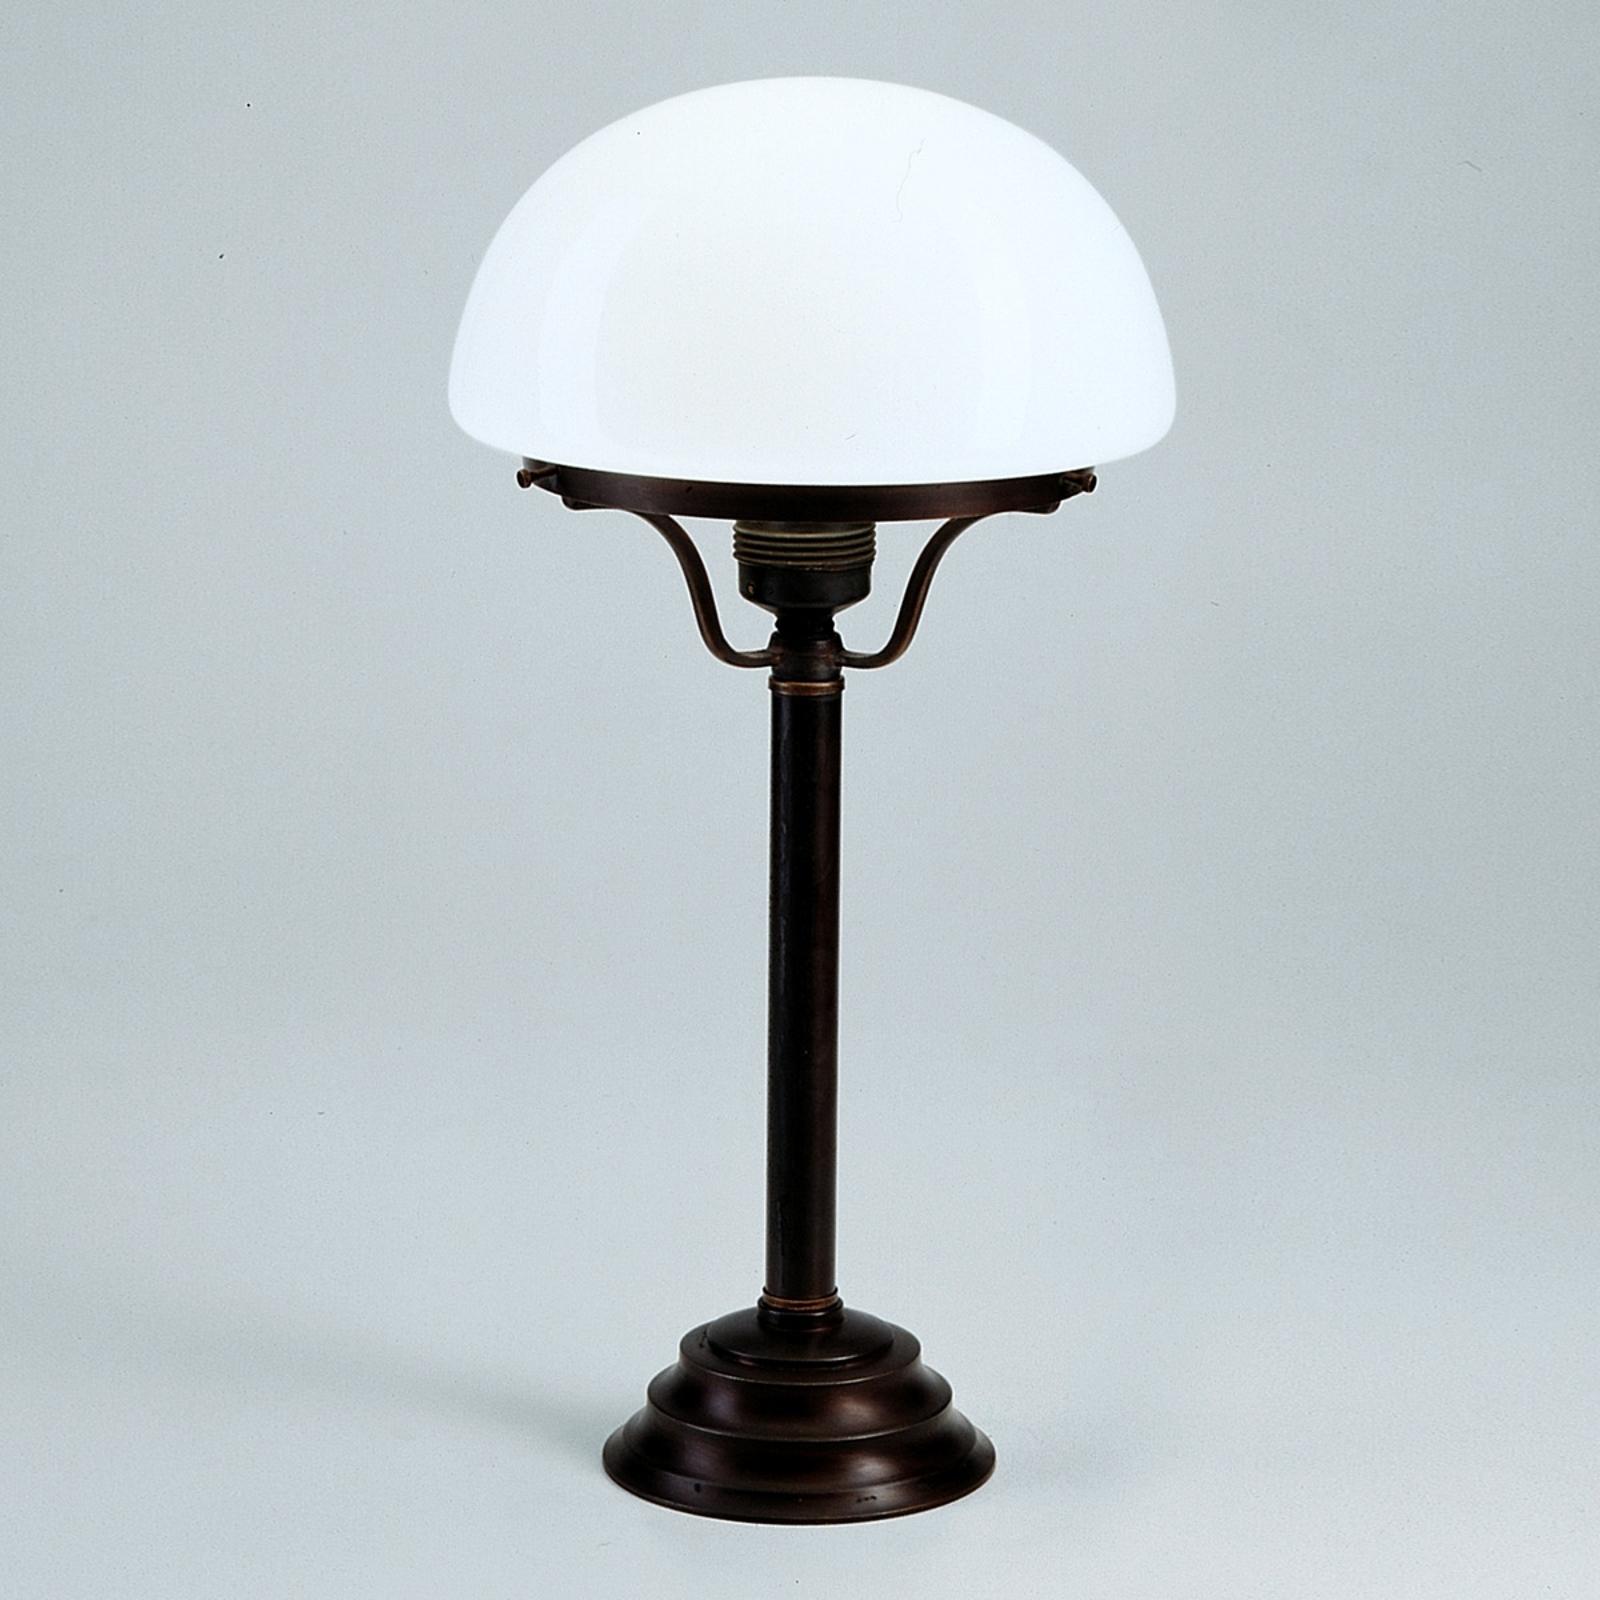 Bordslampa Frank med antikt och rustikt utseende